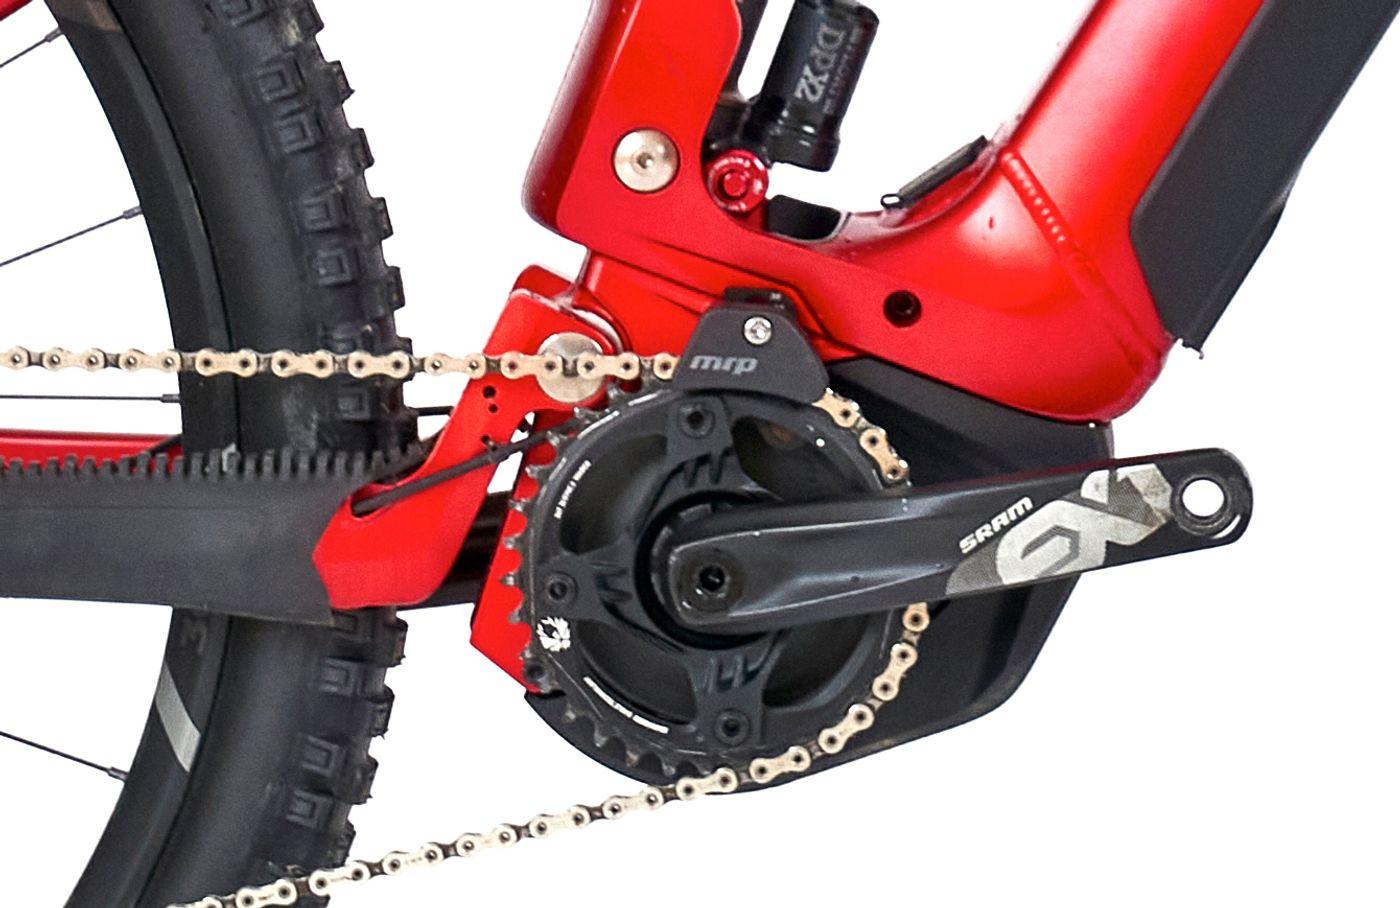 BIXS-Lane-EX-Yamaha-Motor